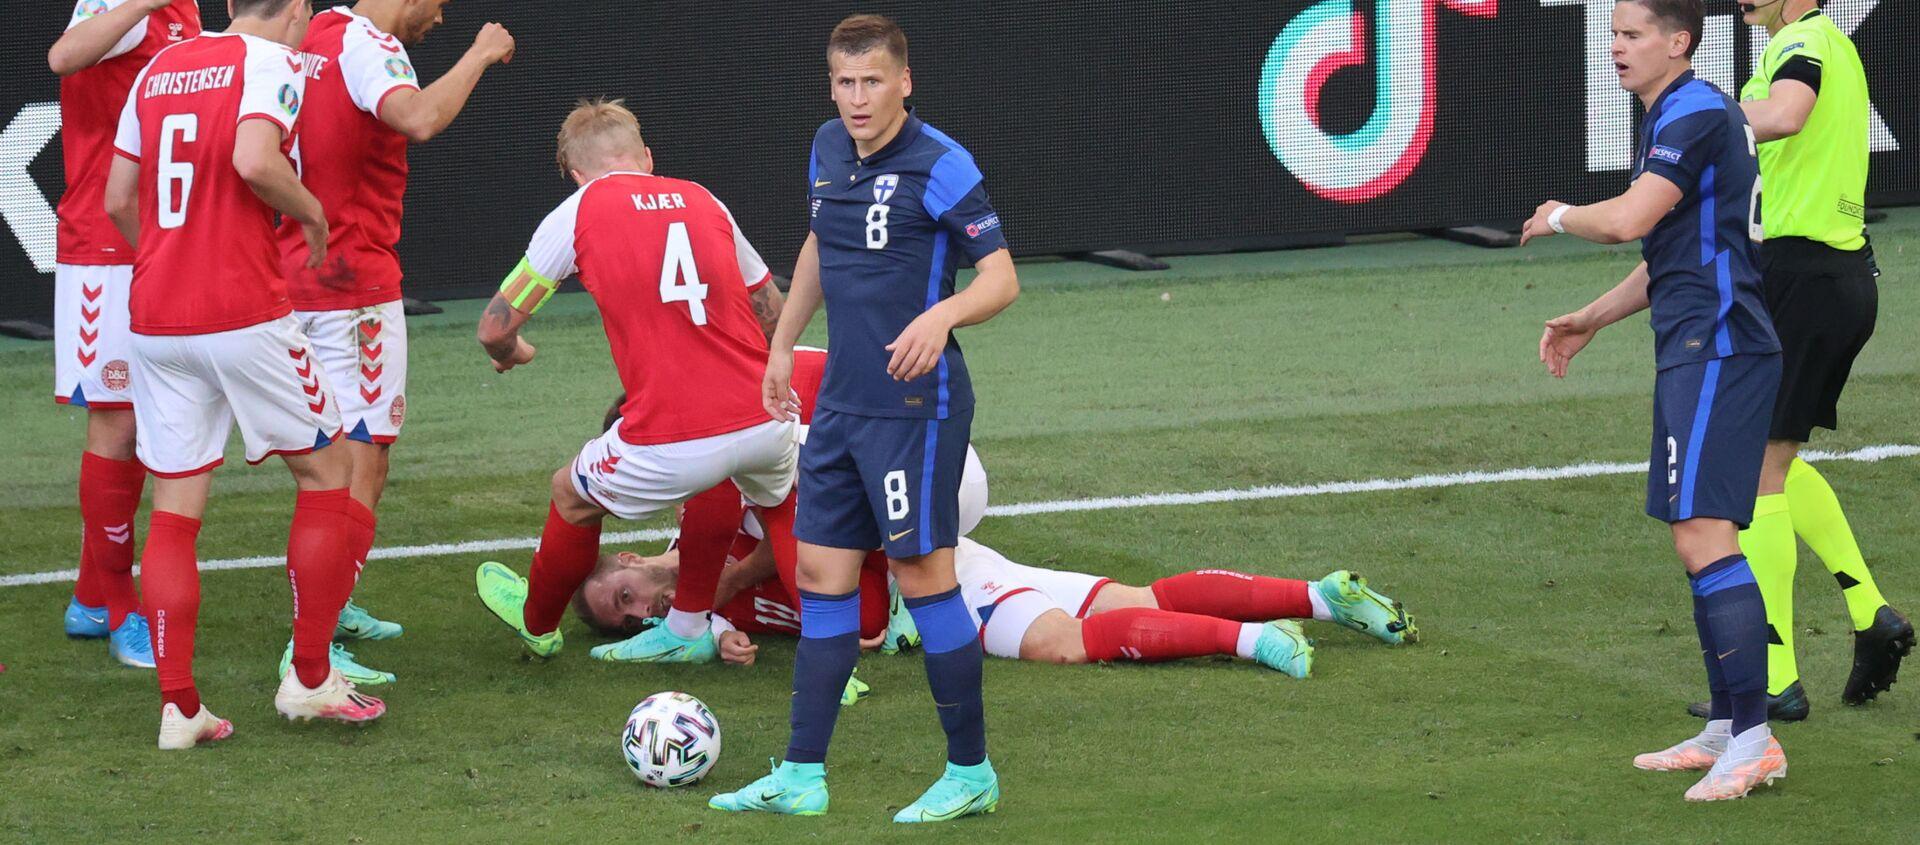 Футболист сборной Дании Кристиан Эриксен потерял сознание на поле - Sputnik Азербайджан, 1920, 13.06.2021